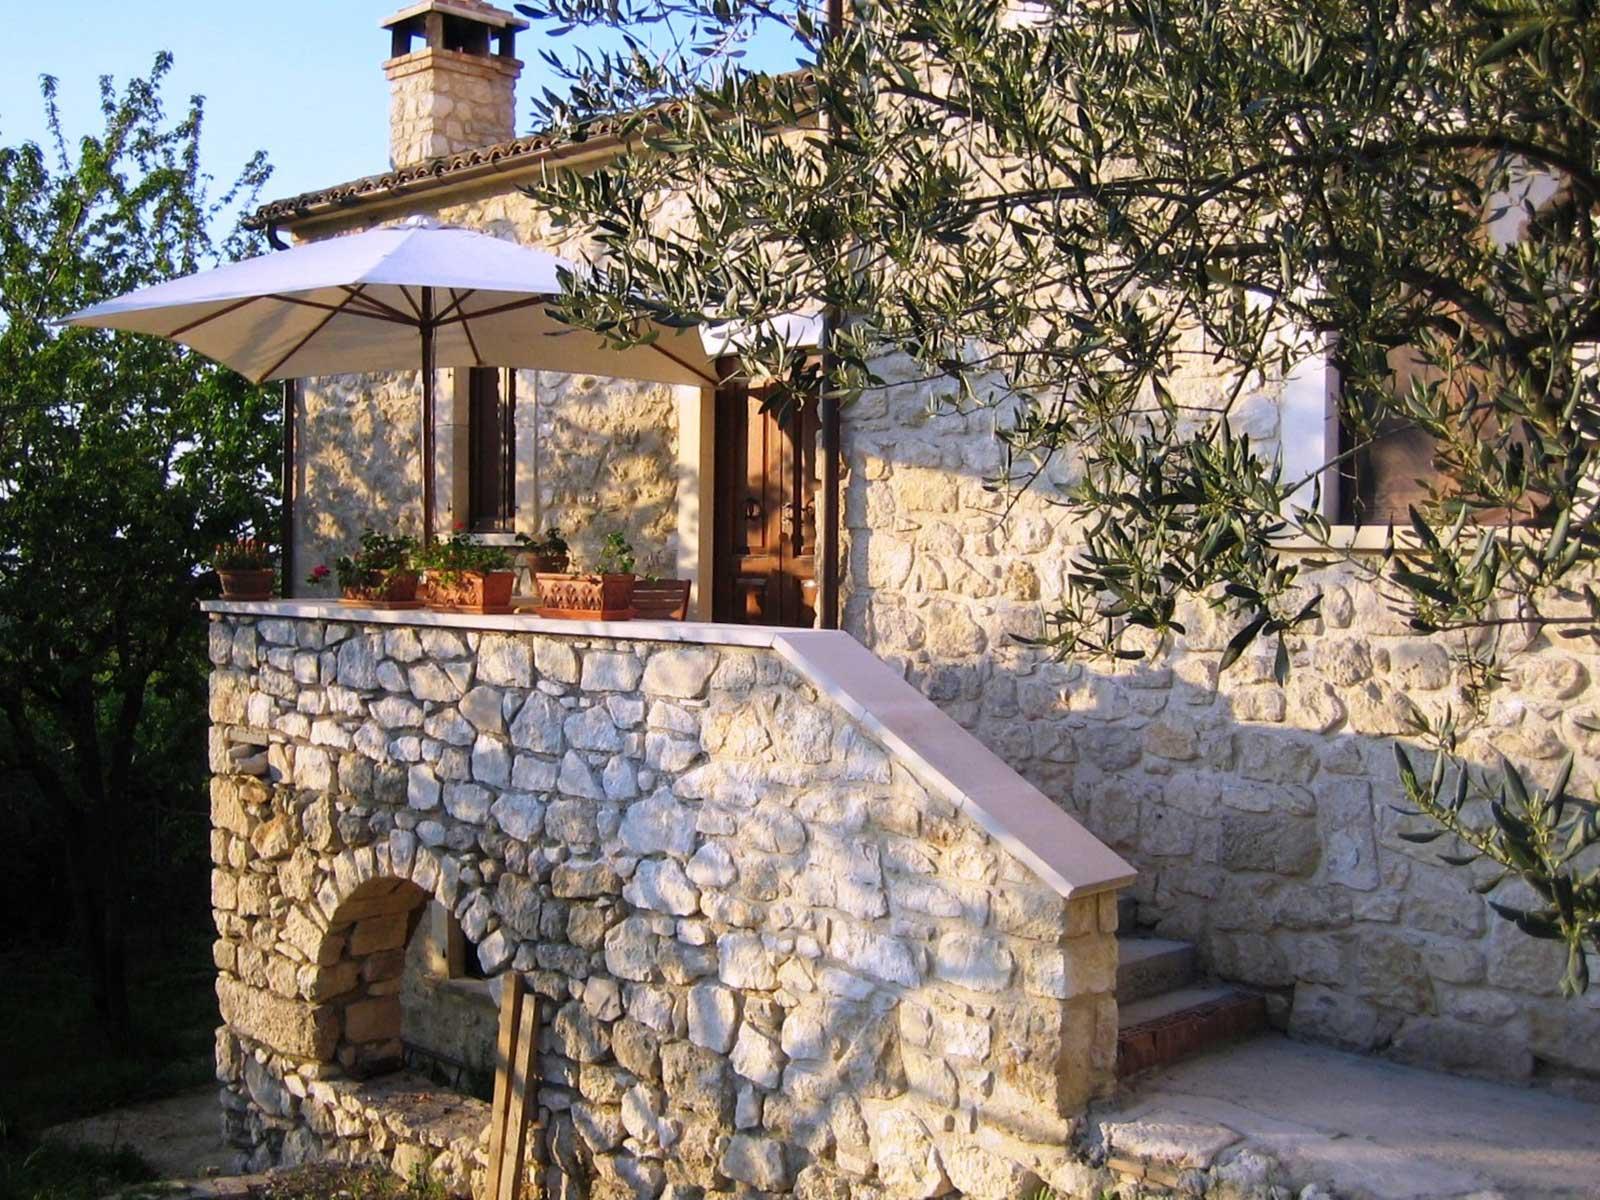 Casolare Casolare in vendita Abbateggio (PE), Casa Selva - Abbateggio - EUR 450.000 70